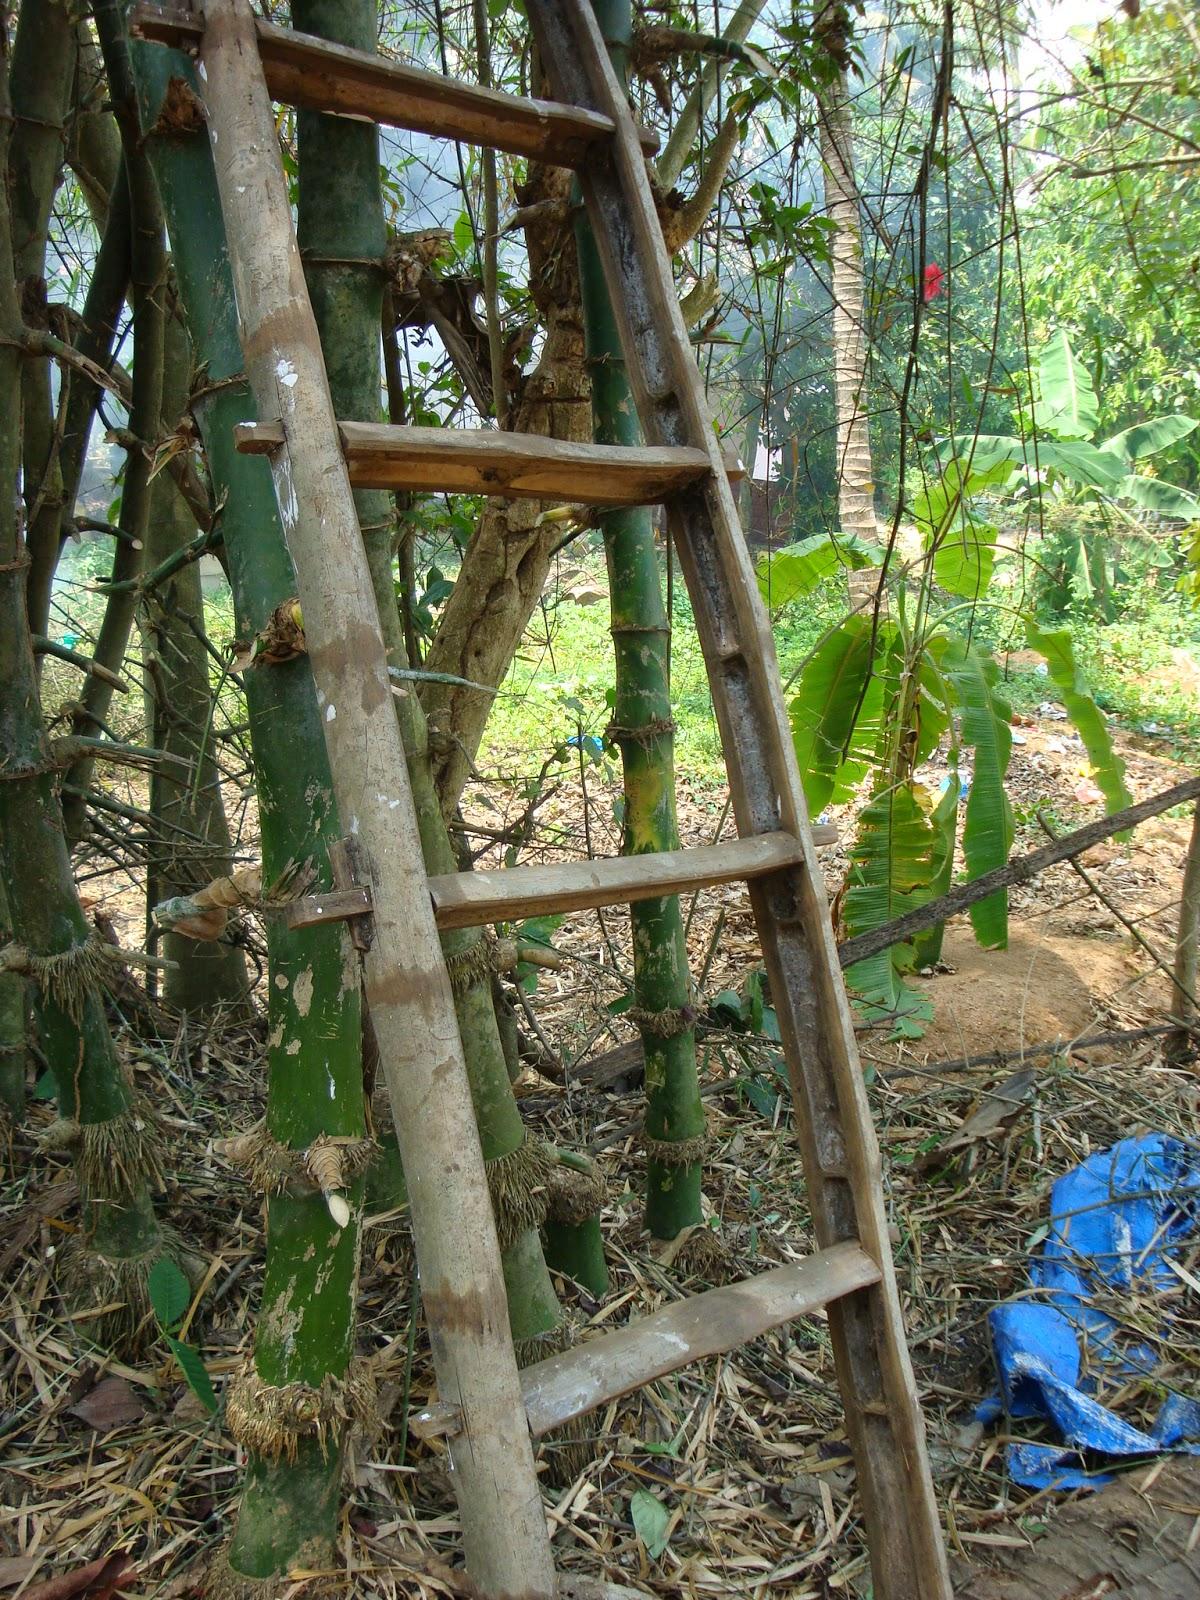 Va de fibras escalera de bamb india - Escaleras de bambu ...